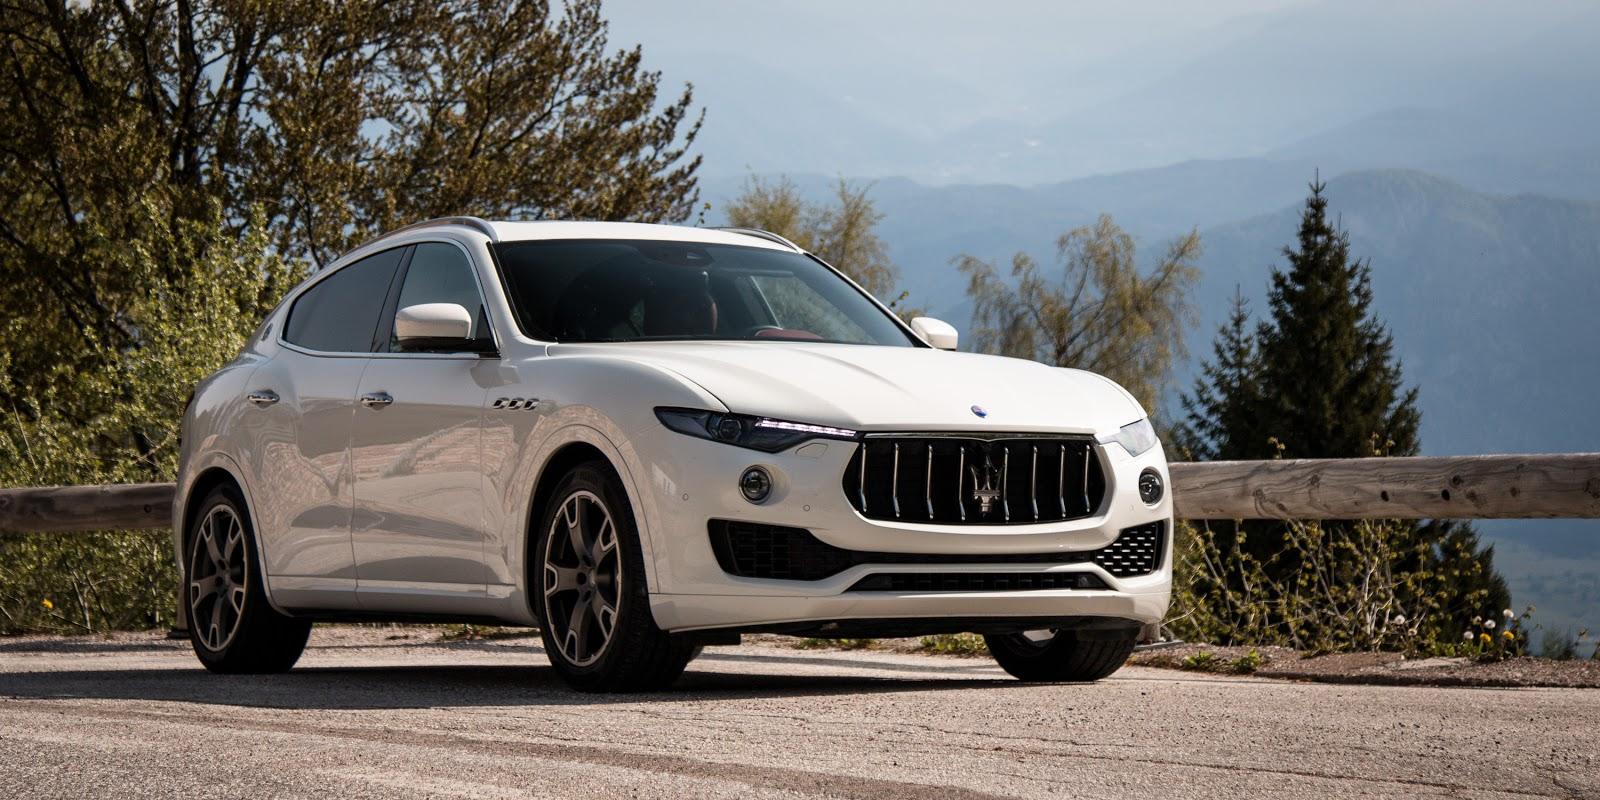 Maserati Levante 2017 hứa hẹn sẽ mang đến làn gió mới trong phân SUV hạng sang